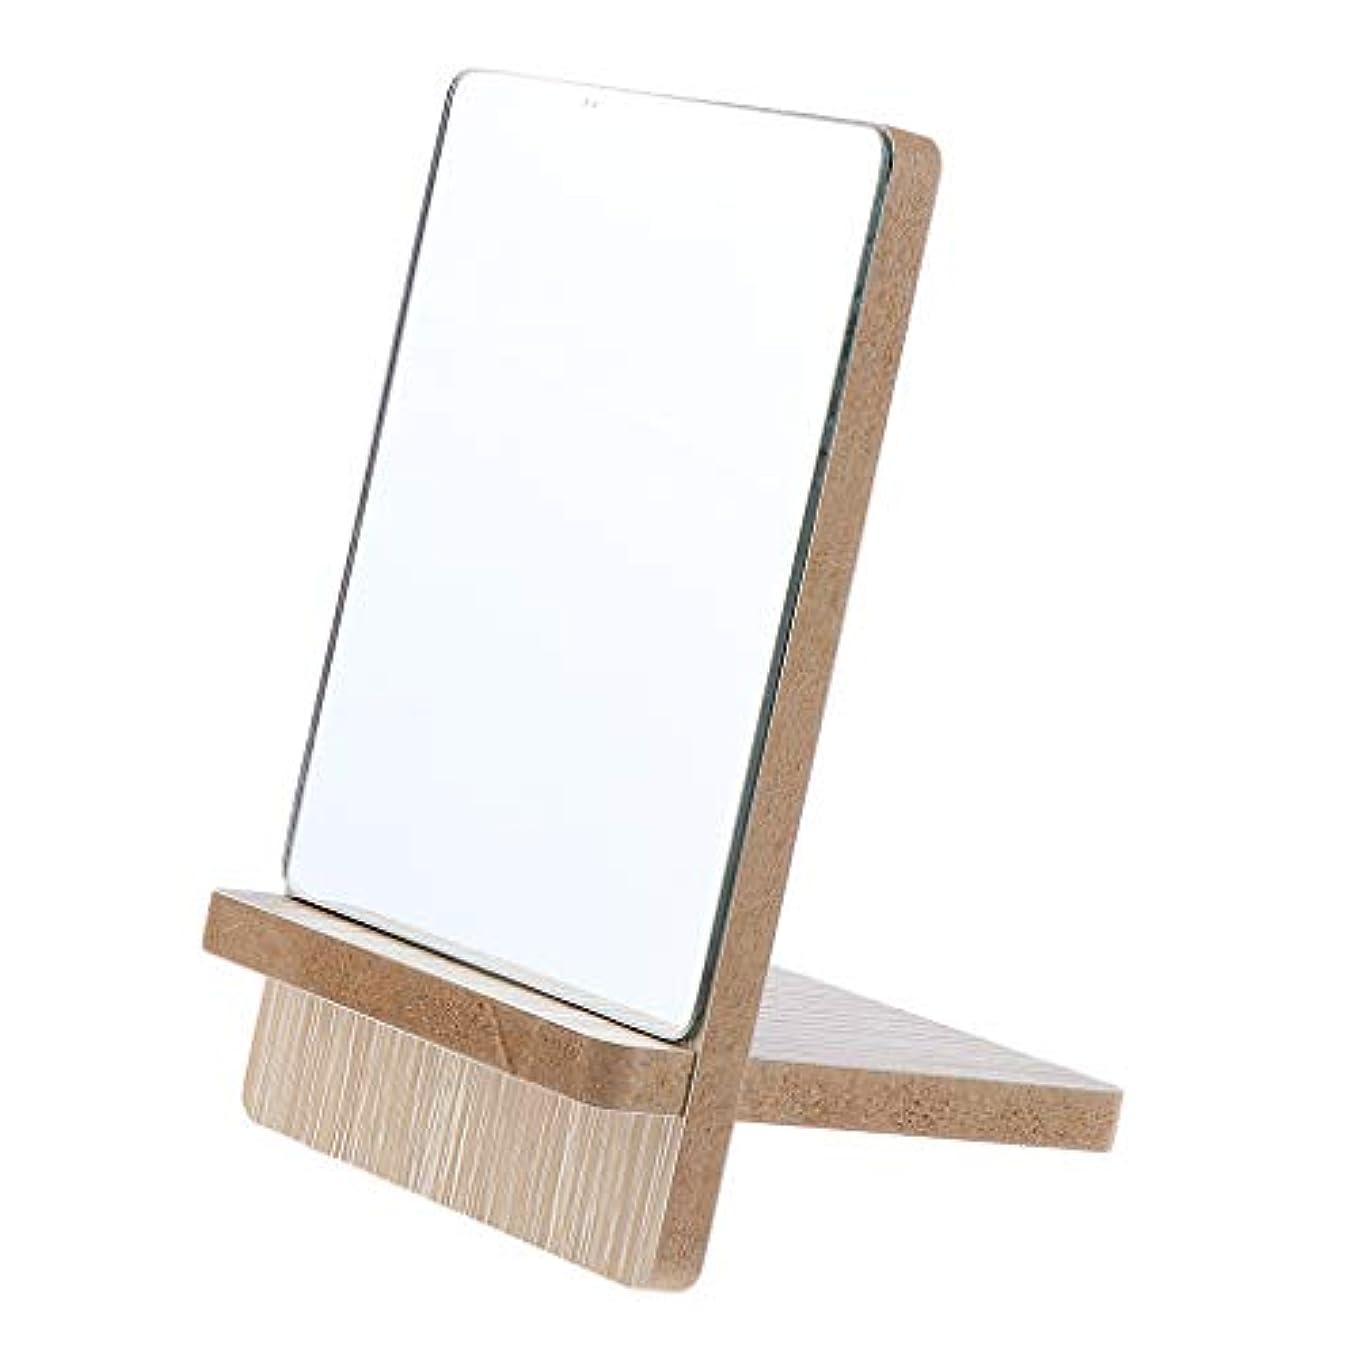 本を読むレンジキャンバス化粧鏡 スタンド 卓上 メイクアップミラー 立てミラー バニティミラー 折りたたみ 3サイズ選べ - 小